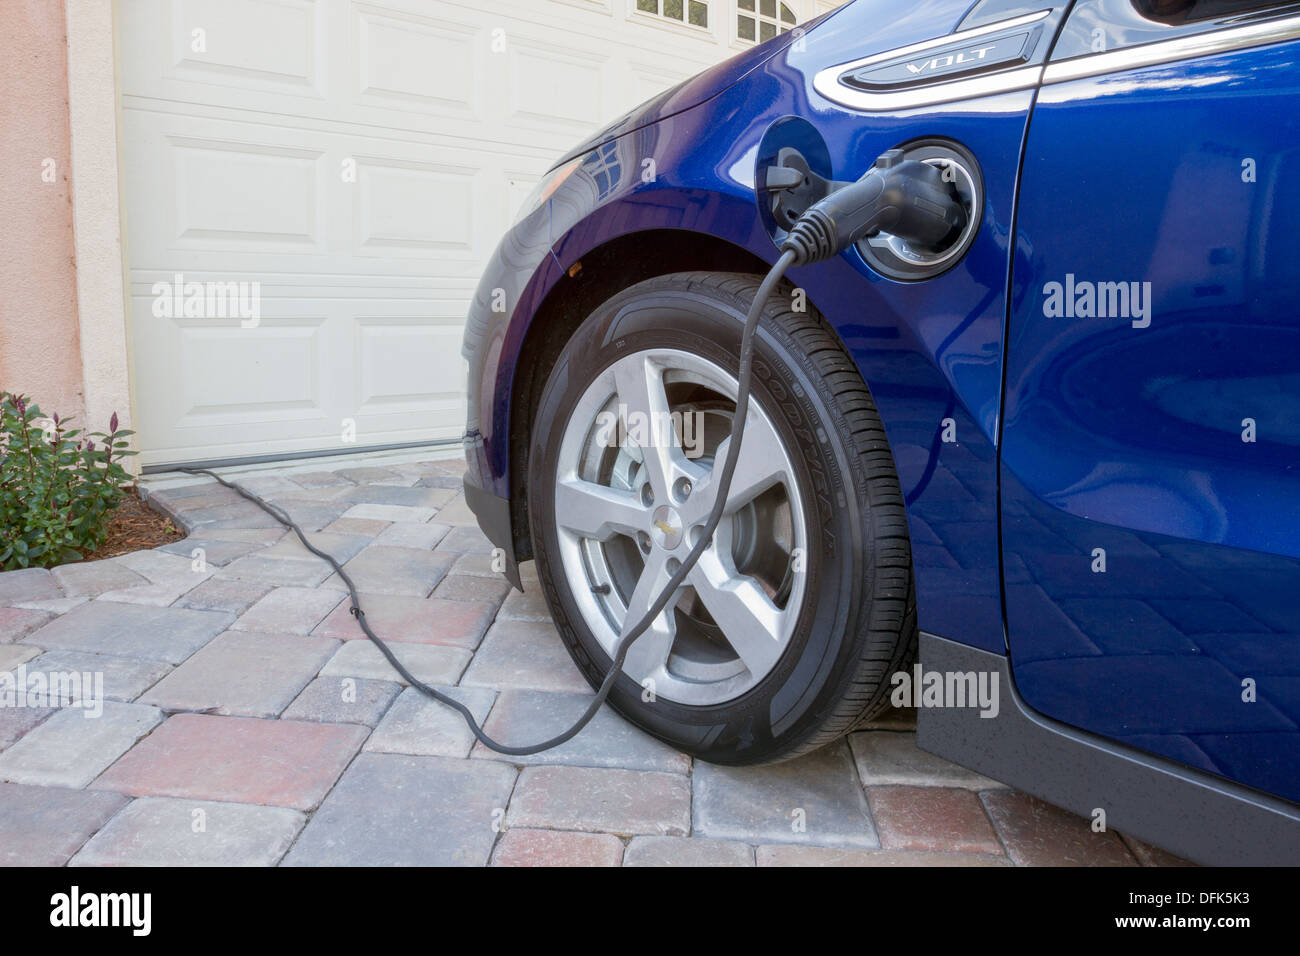 Chevrolet Volt plug-in voiture électrique avec le connecteur branché en charge, à la maison dans une entrée Photo Stock